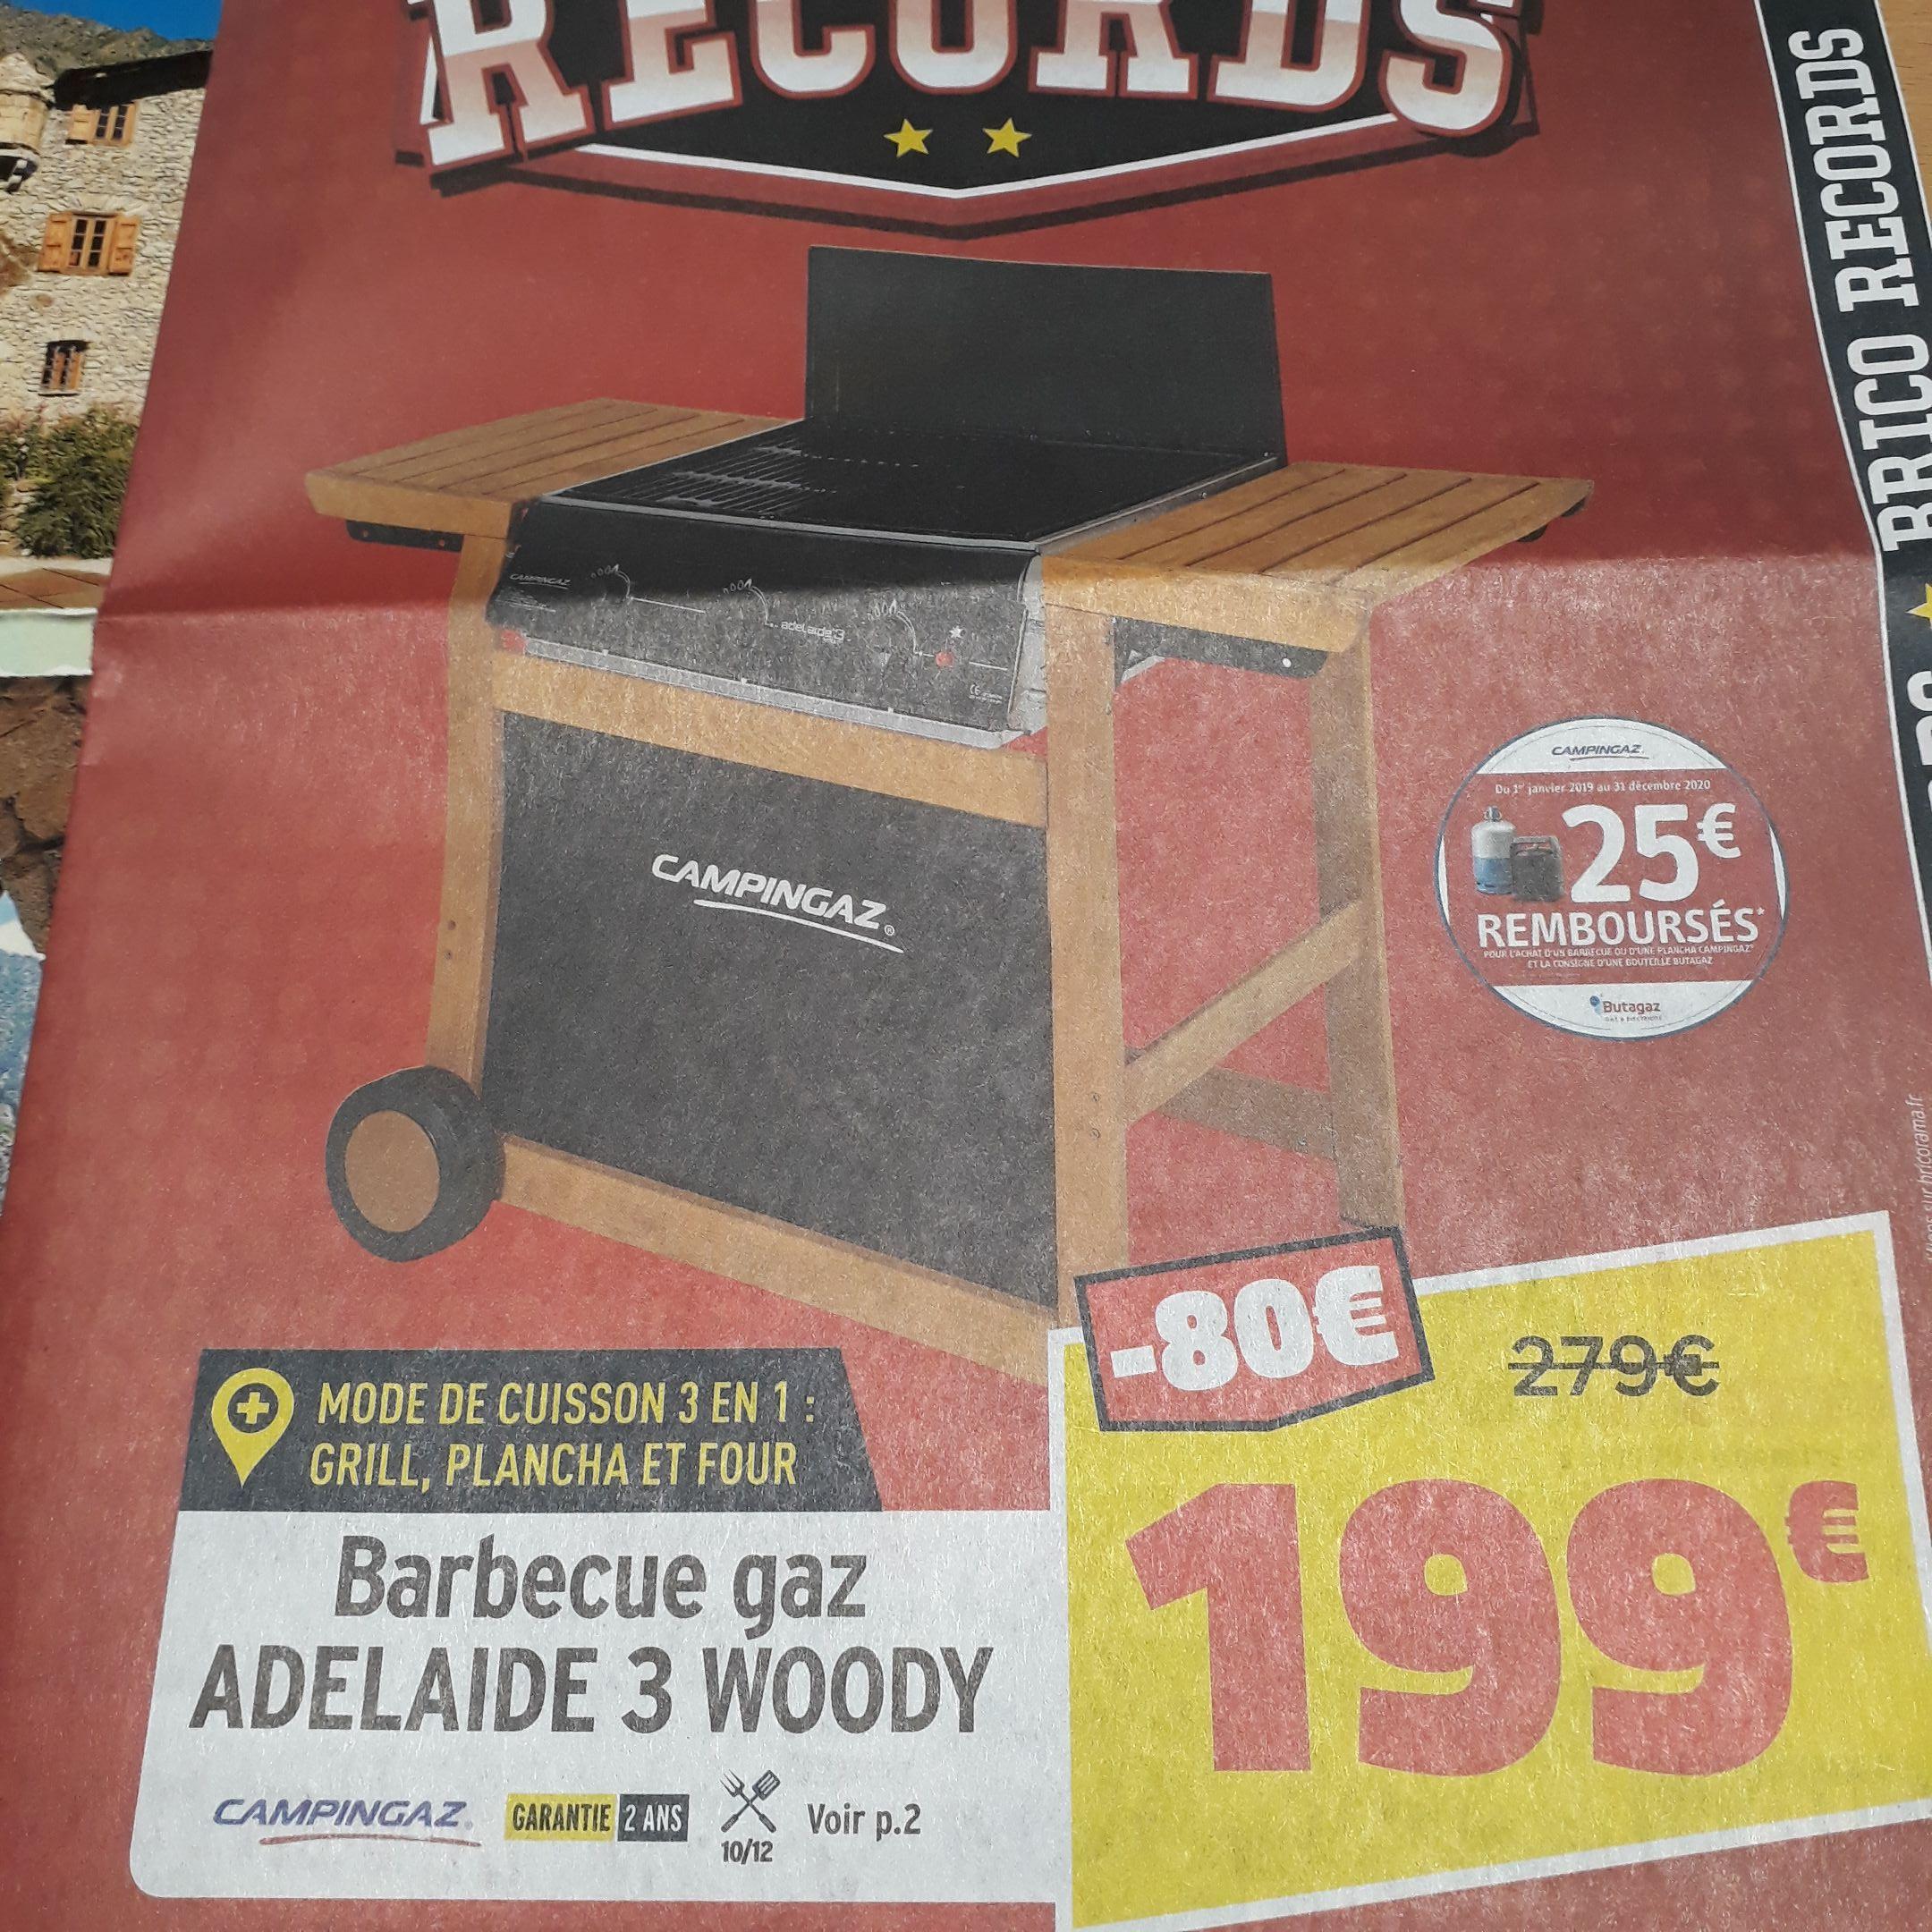 Barbecue Gaz Adélaïde 3 Woody